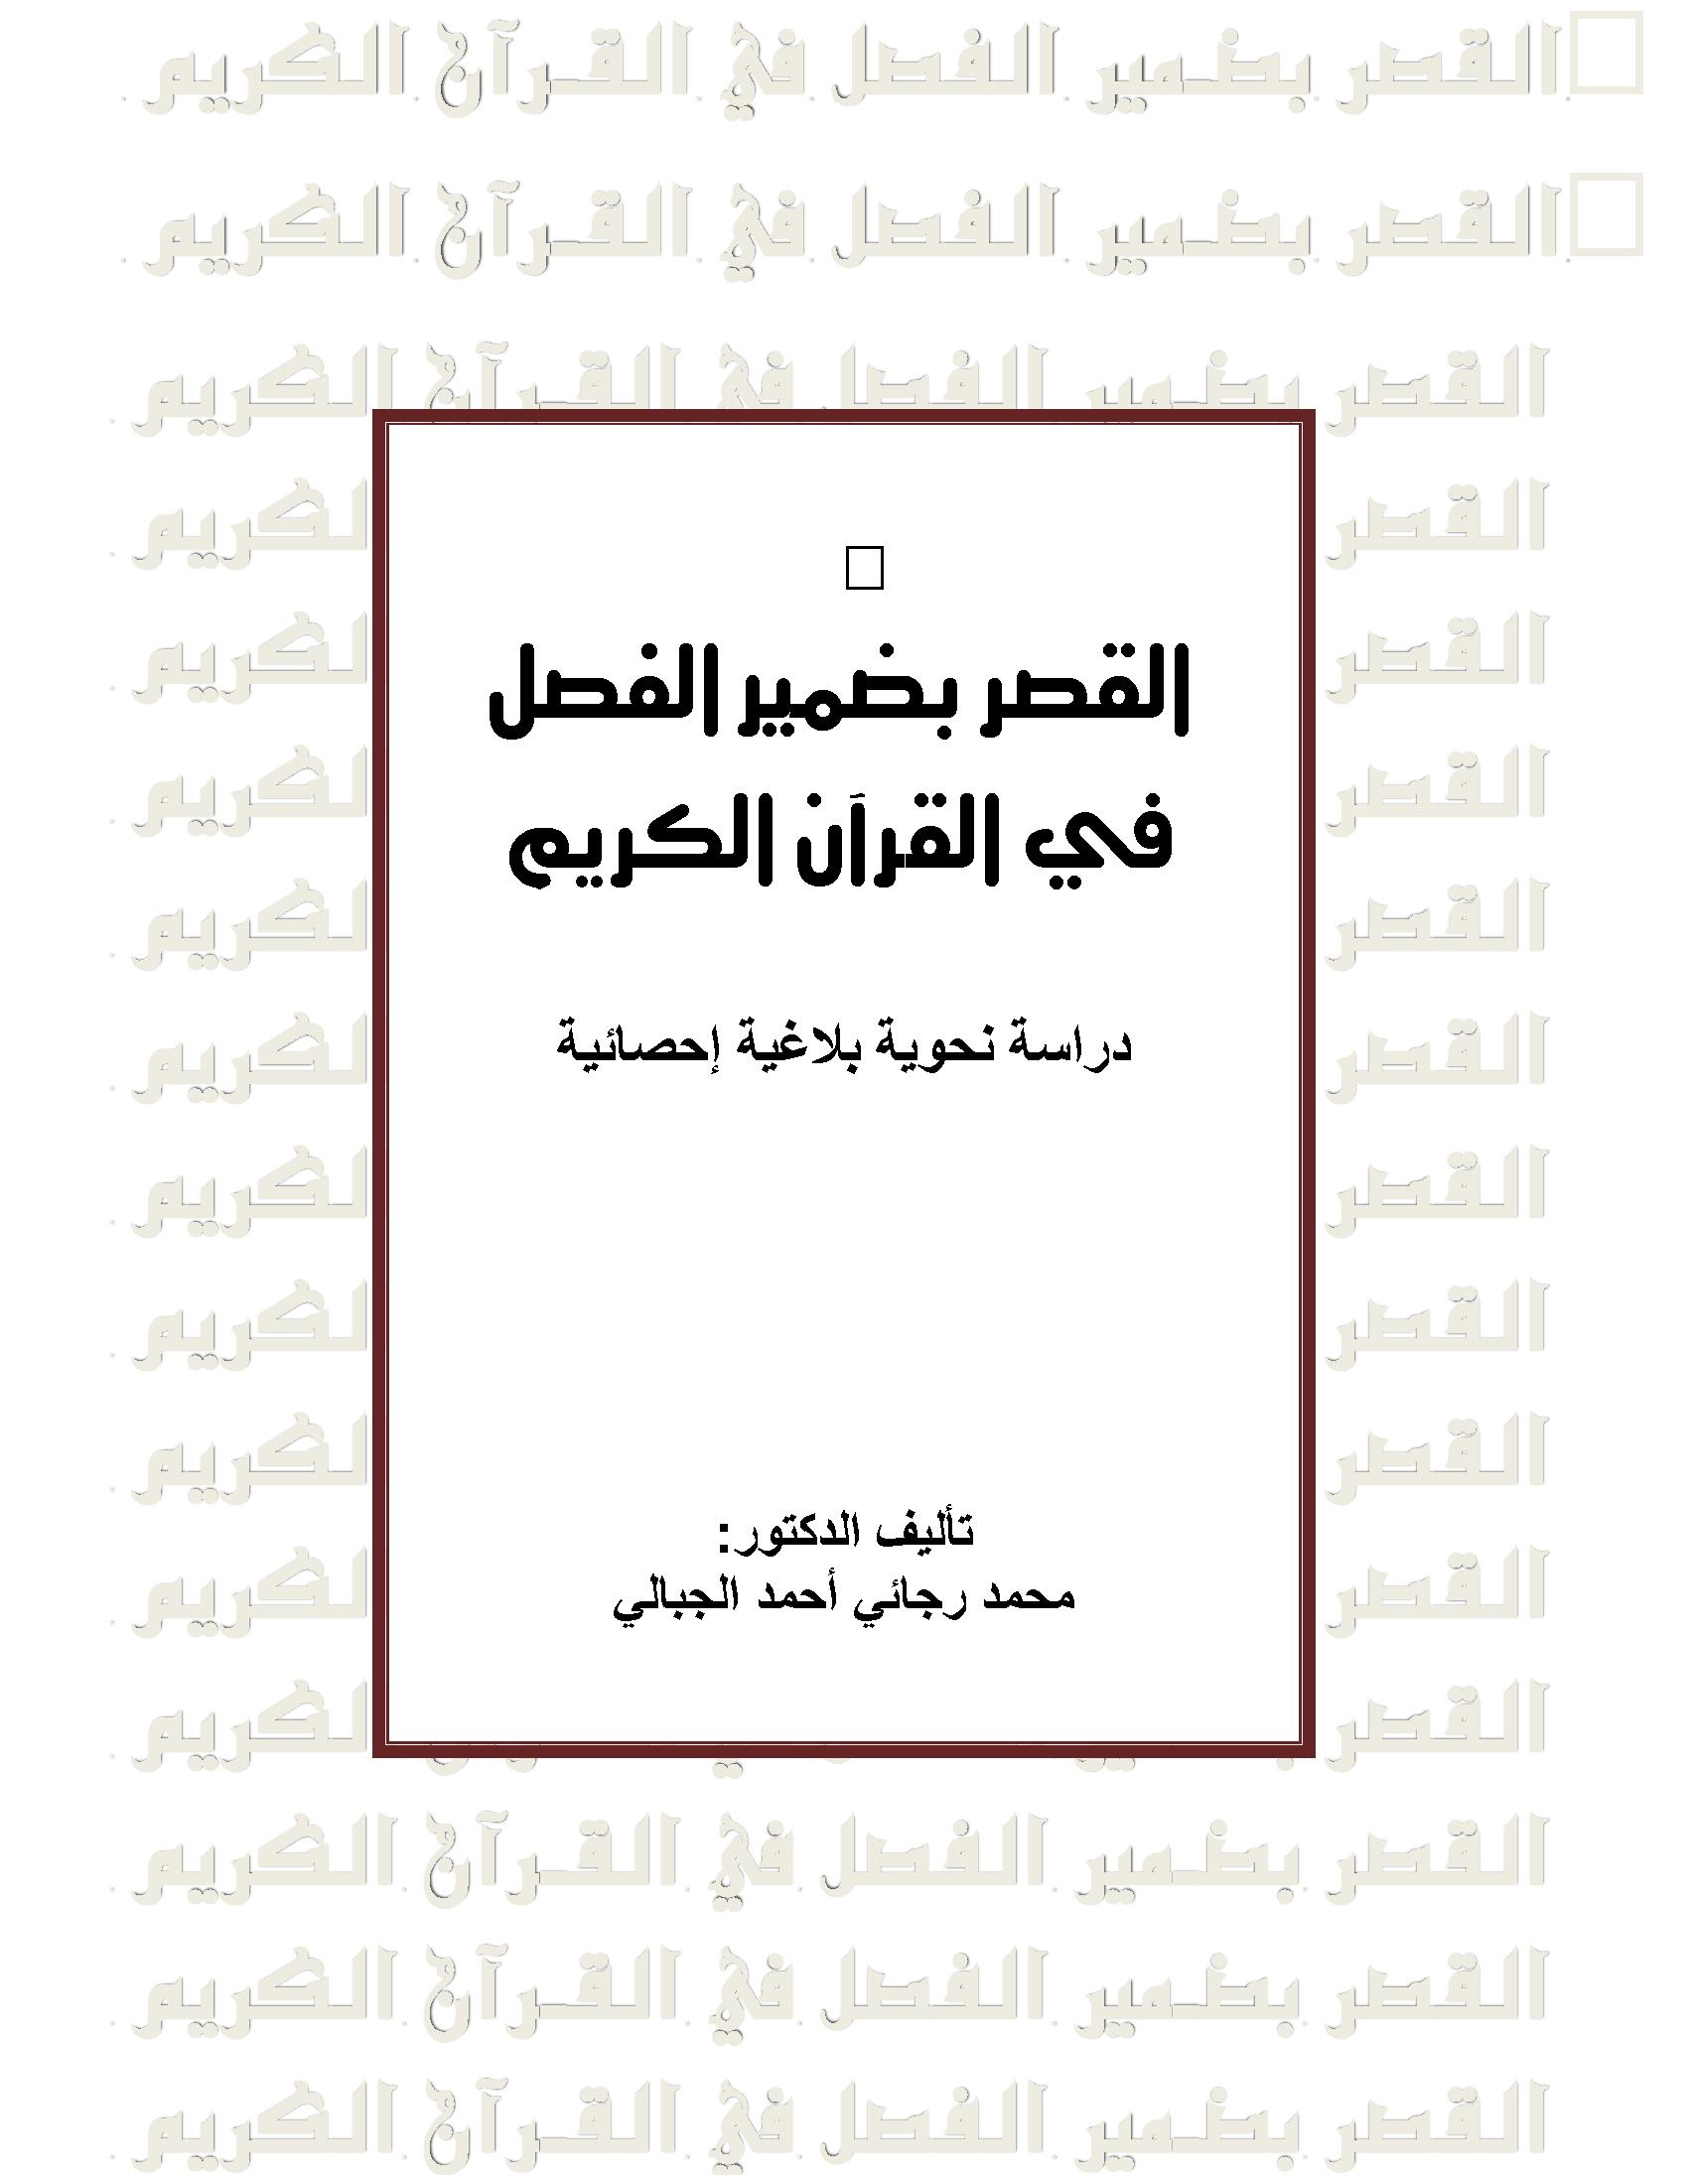 تحميل كتاب القصر بضمير الفصل في القرآن الكريم (دراسة نحوية بلاغية إحصائية) لـِ: الدكتور محمد رجائي أحمد الجبالي